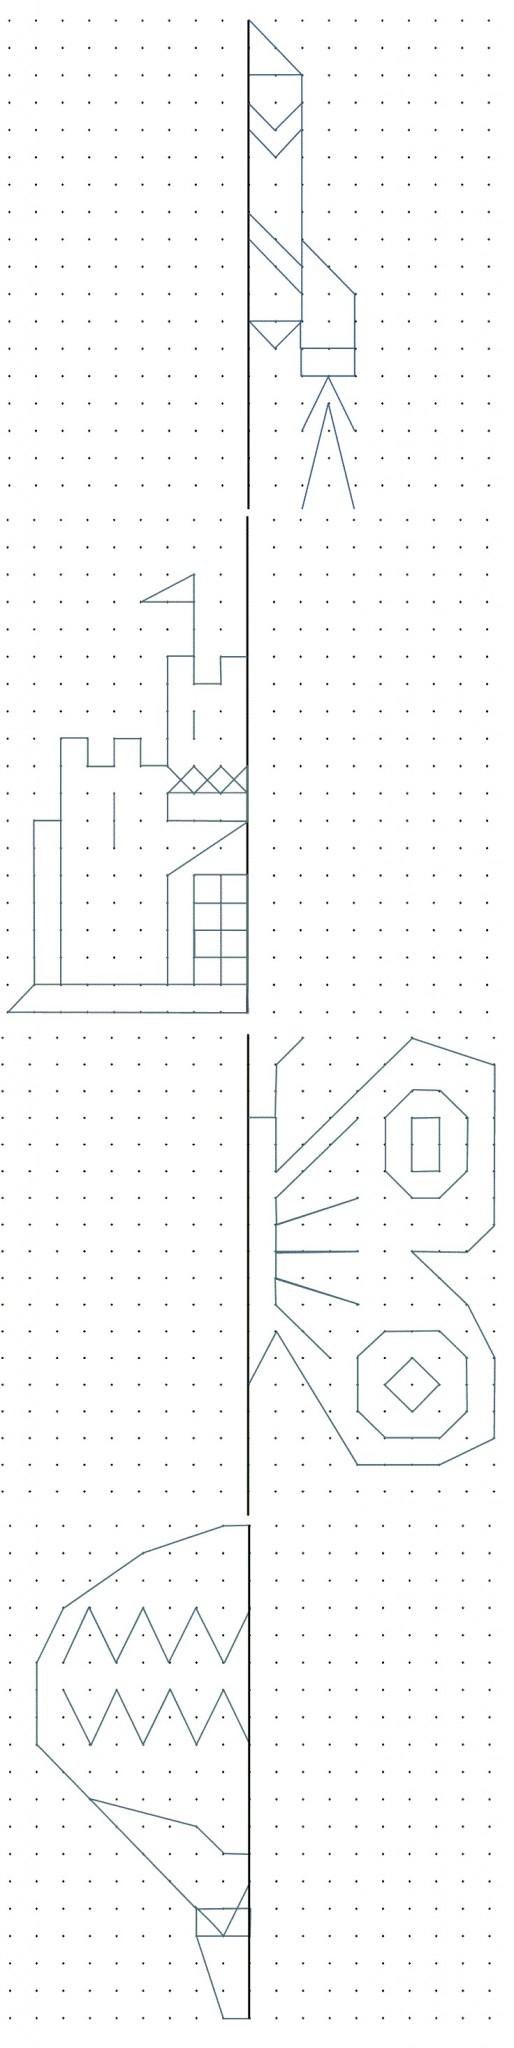 S'entraîner À La Symétrie : Un Pack De Fiches | Ma Maitresse tout Symétrie Cm1 Exercices